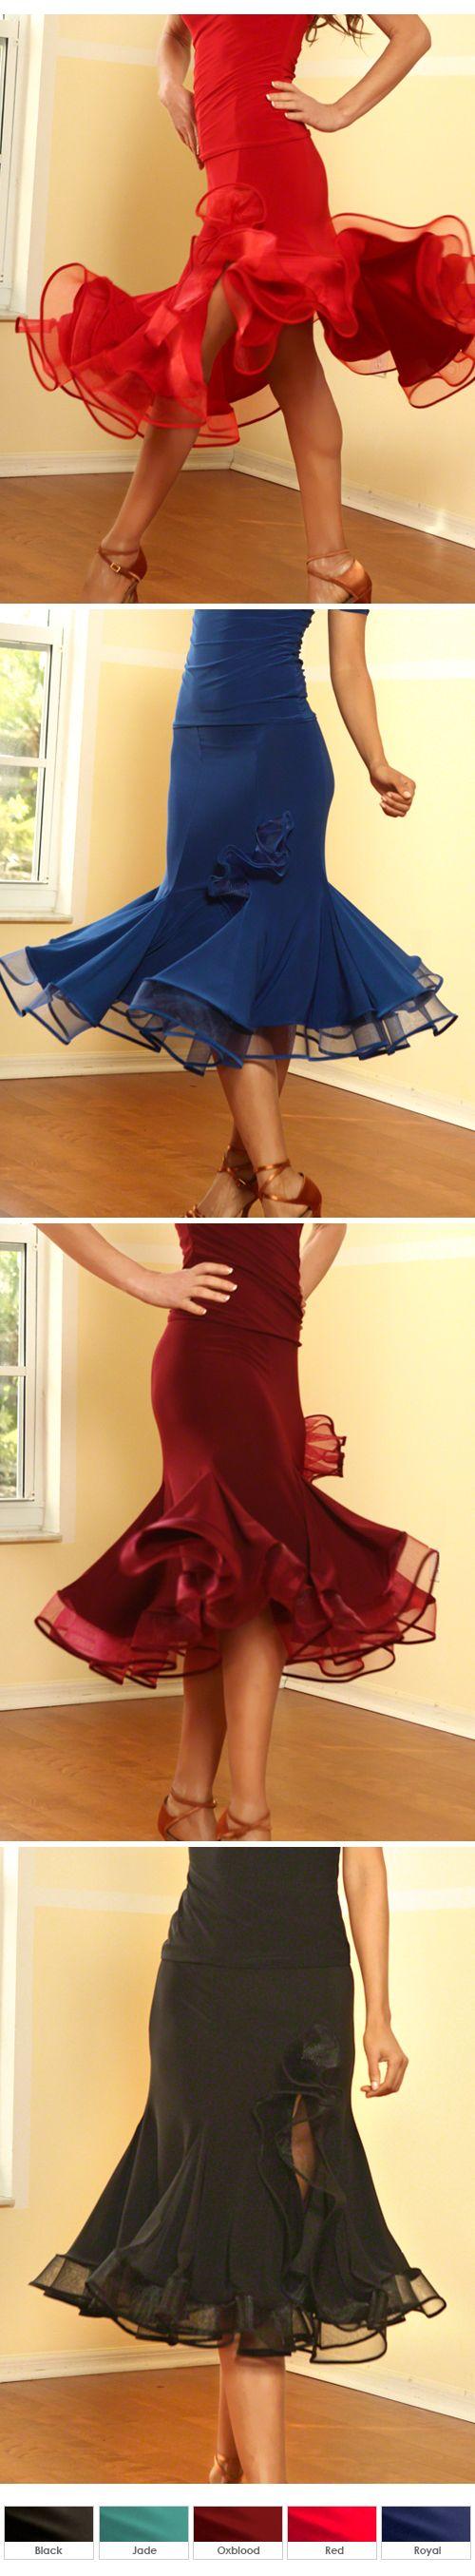 Dance America S419 - Short Crinoline Ruffled Latin Skirt